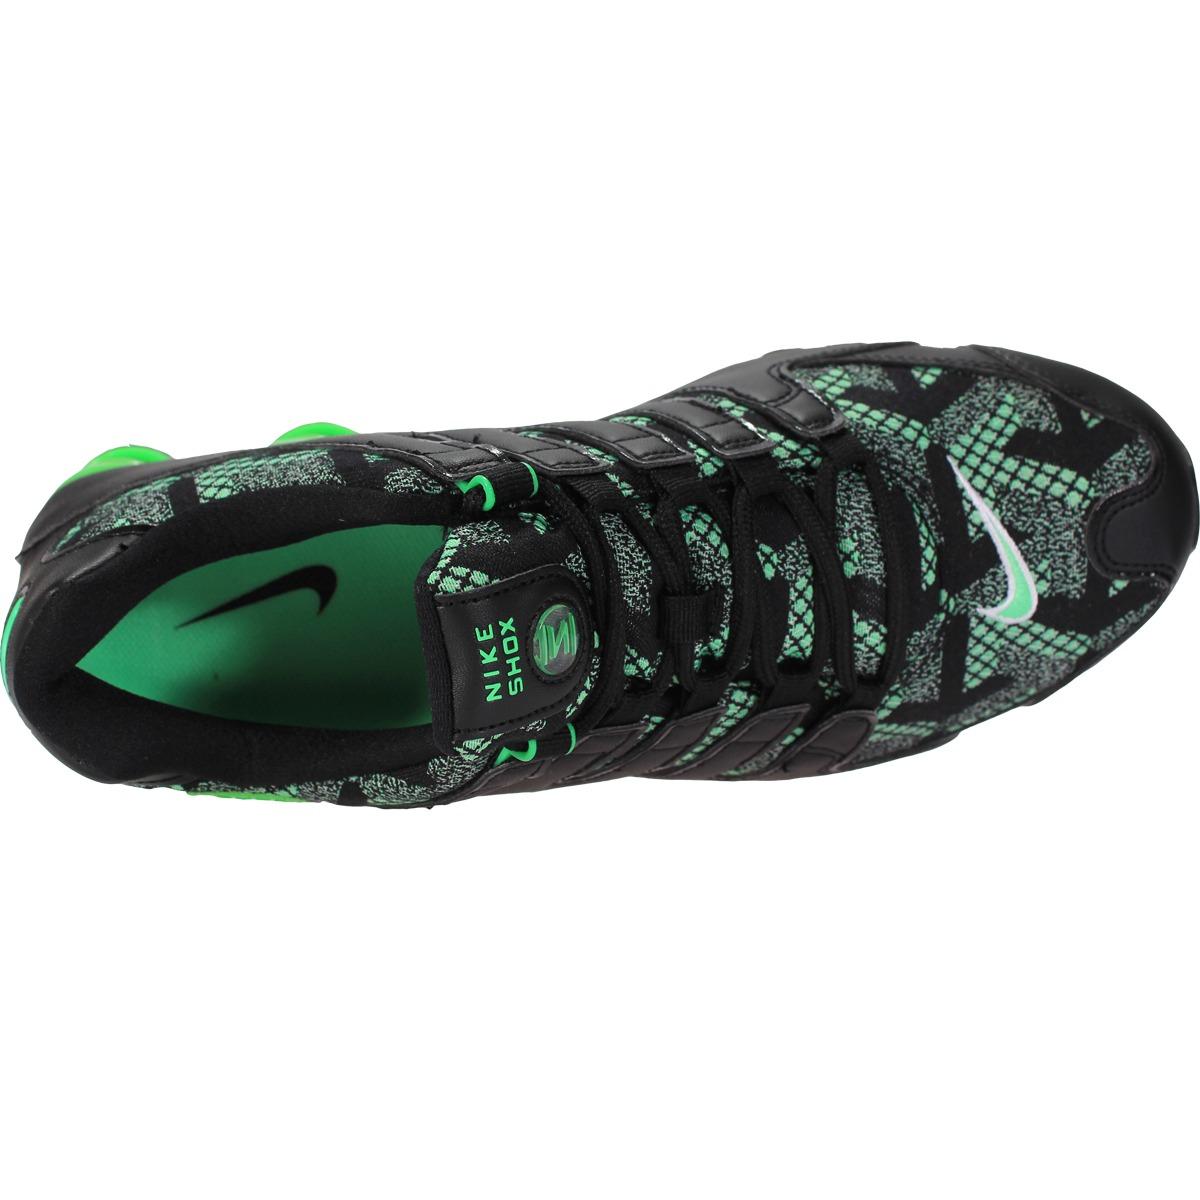 Nike Shox Nz Se Jcrd aclaramiento más reciente Ppo3iw